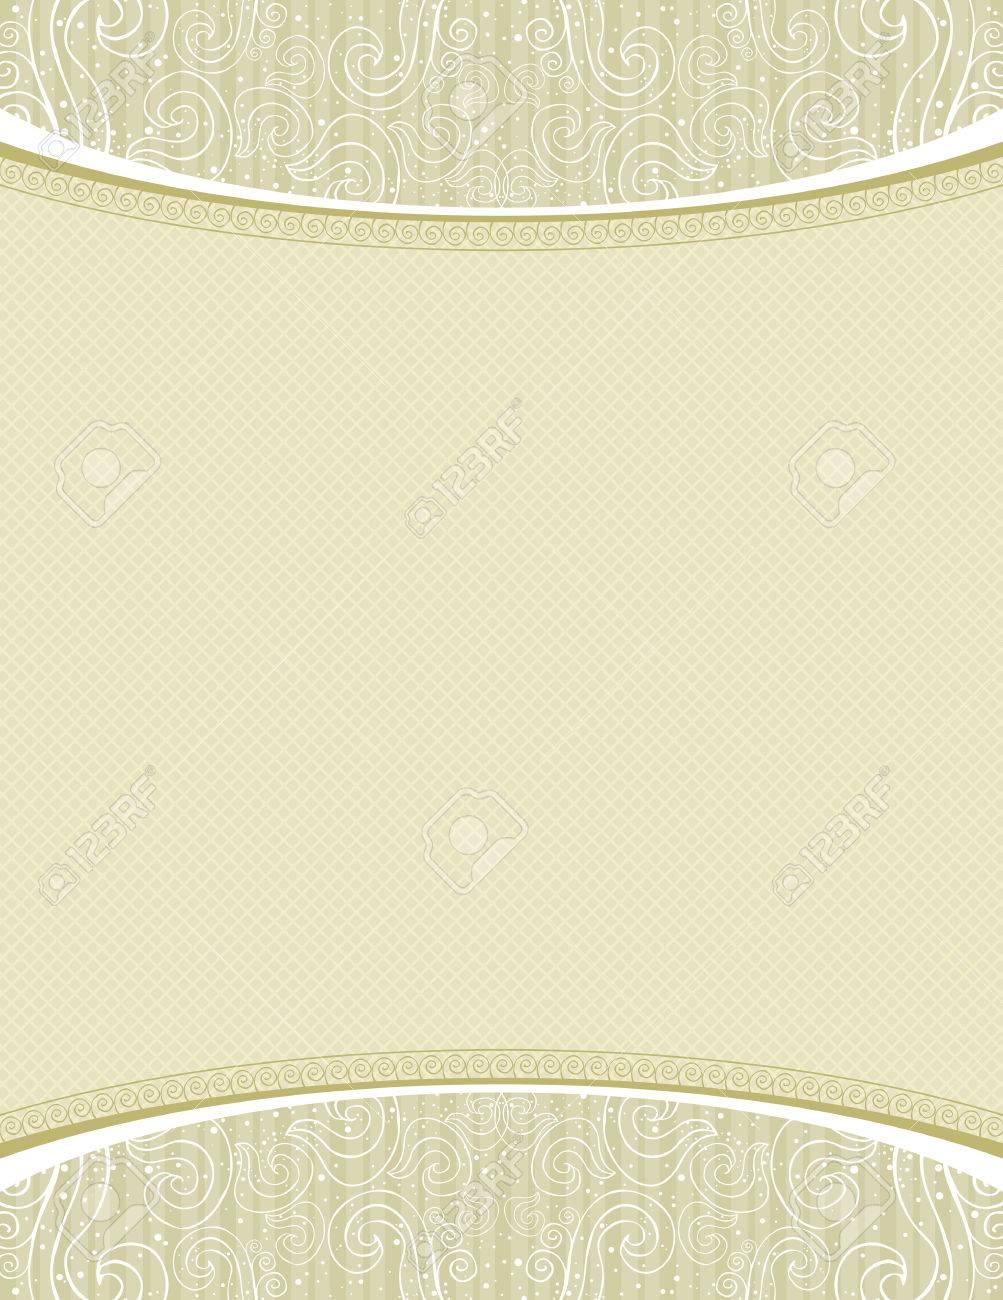 beige certificate background Stock Vector - 7745263